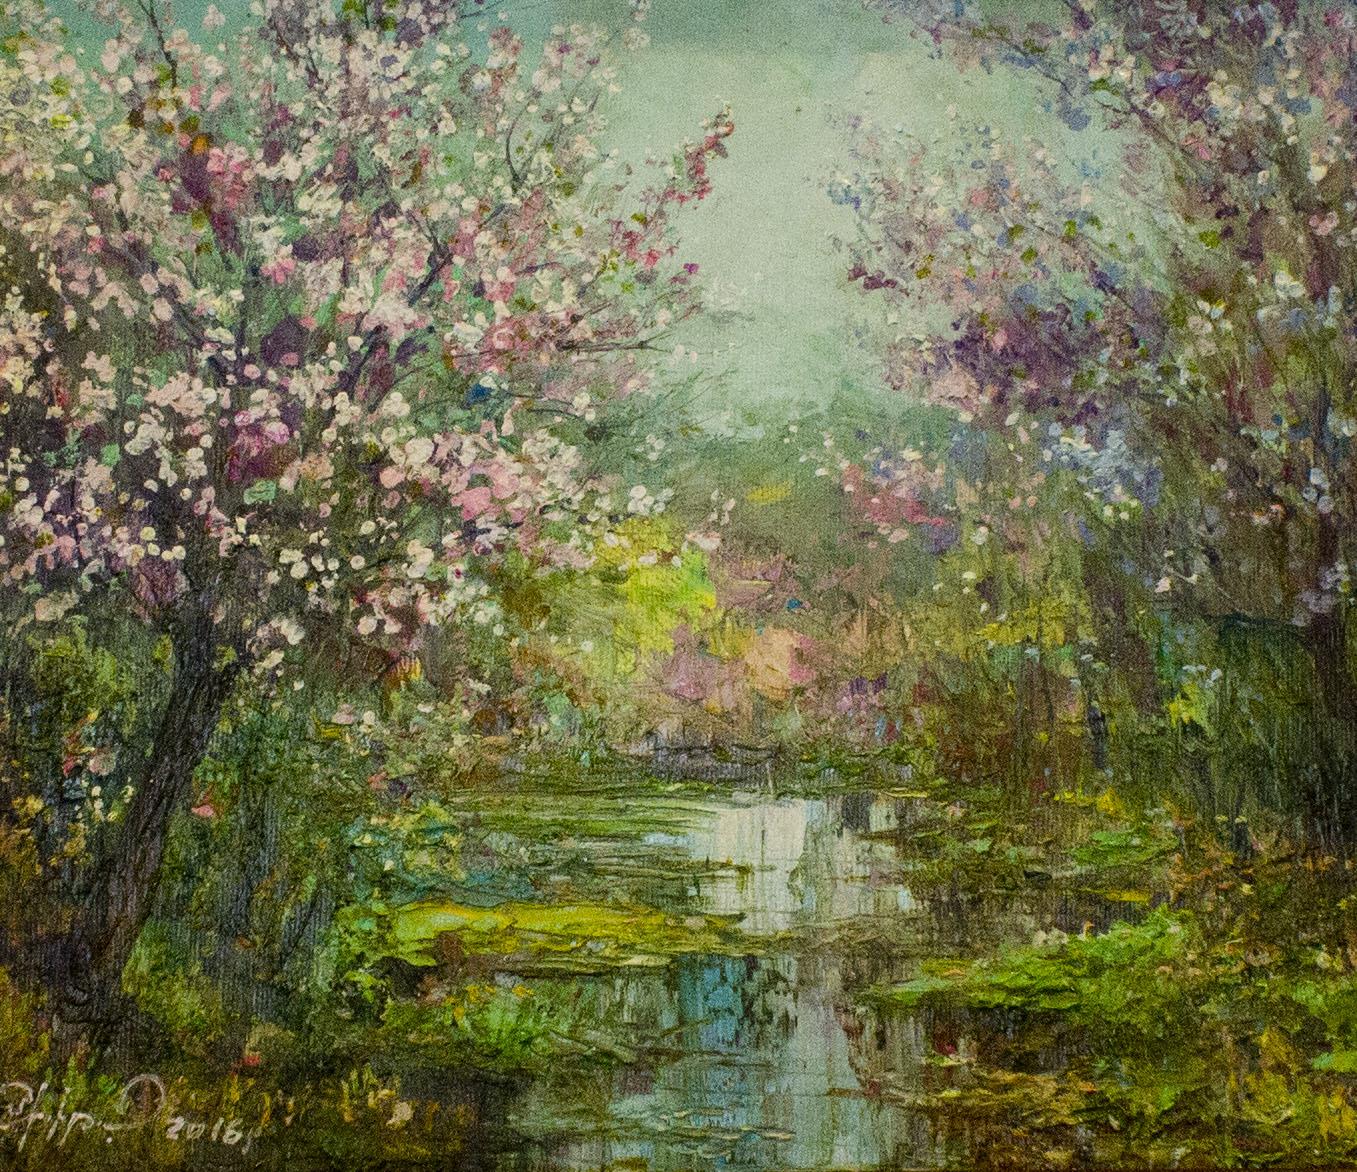 холст, масло. На картине изображено цветение фруктовых деревьев.